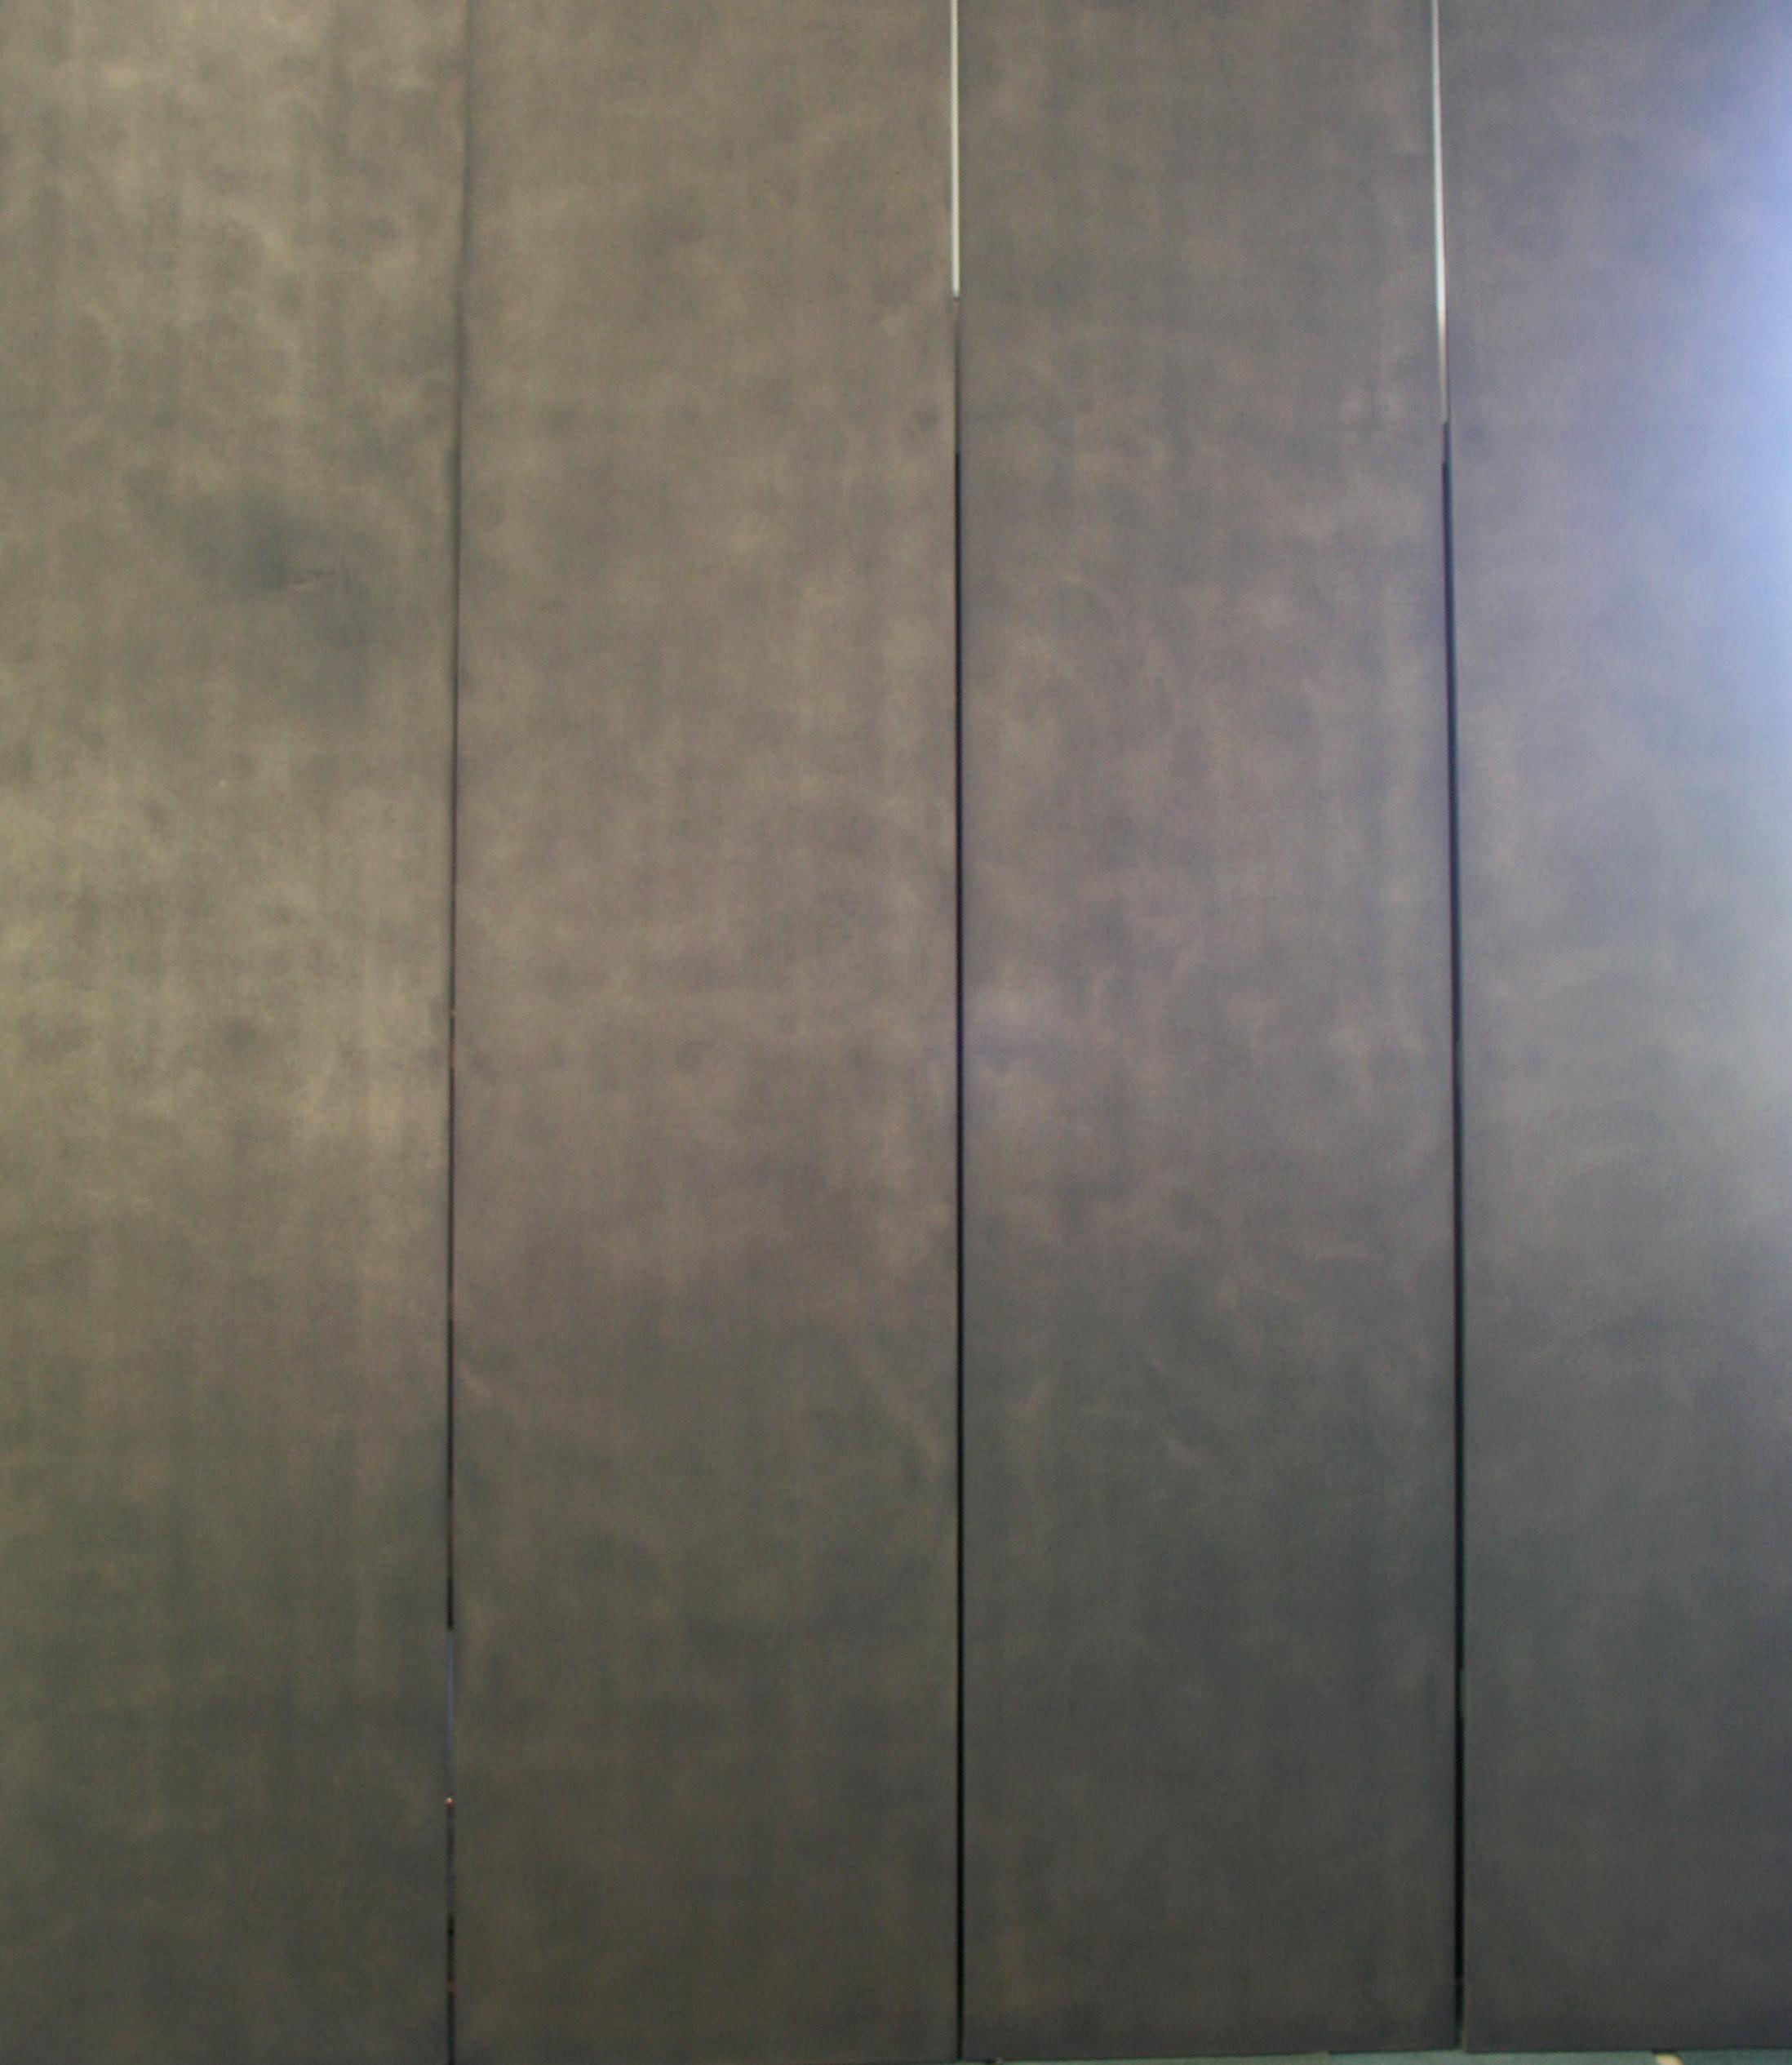 bronze-aged-panesl-liqmet